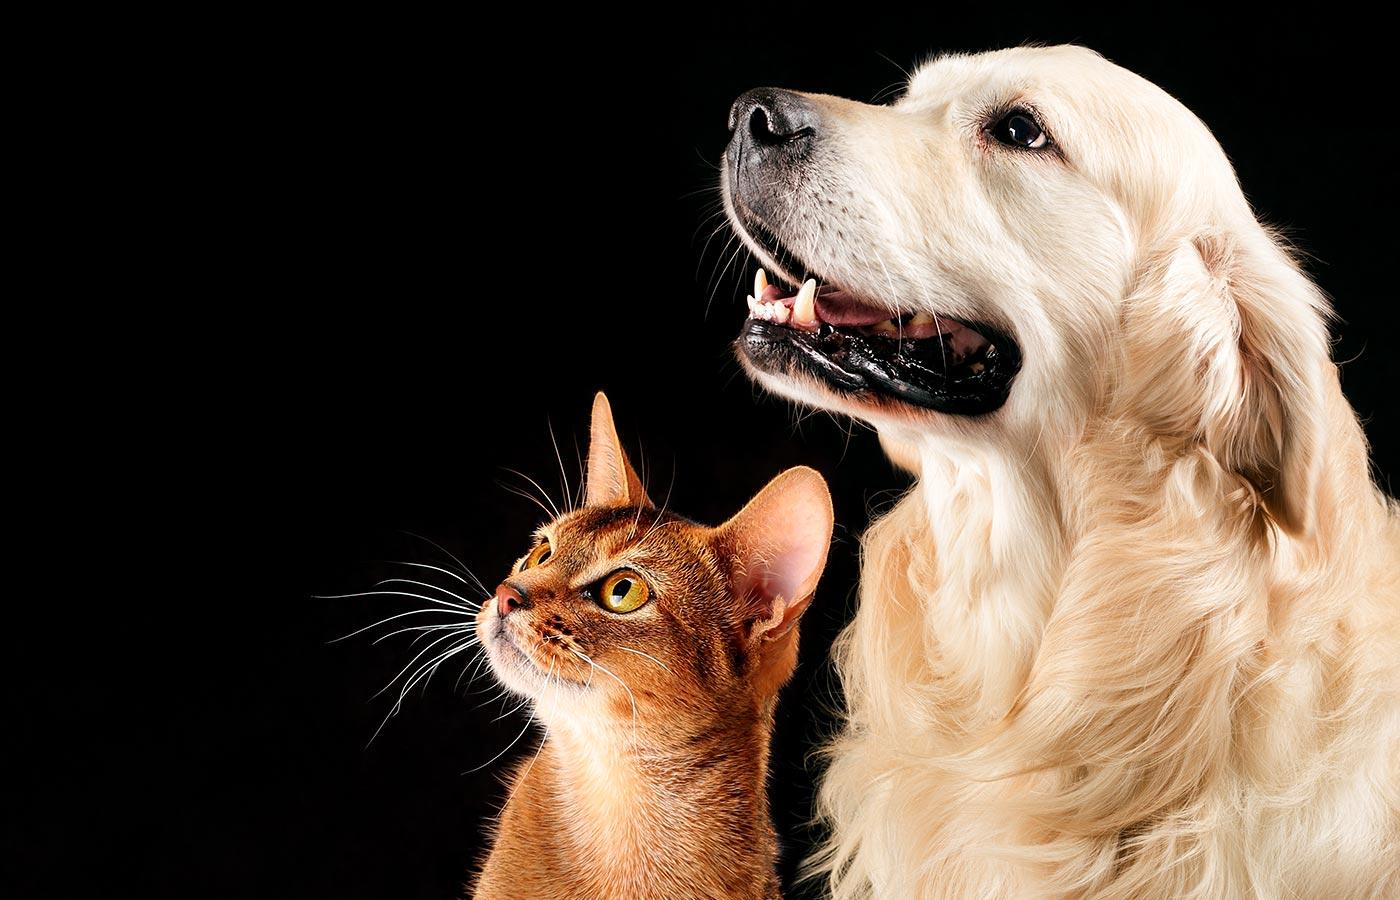 Os cães são mais inteligentes que os gatos